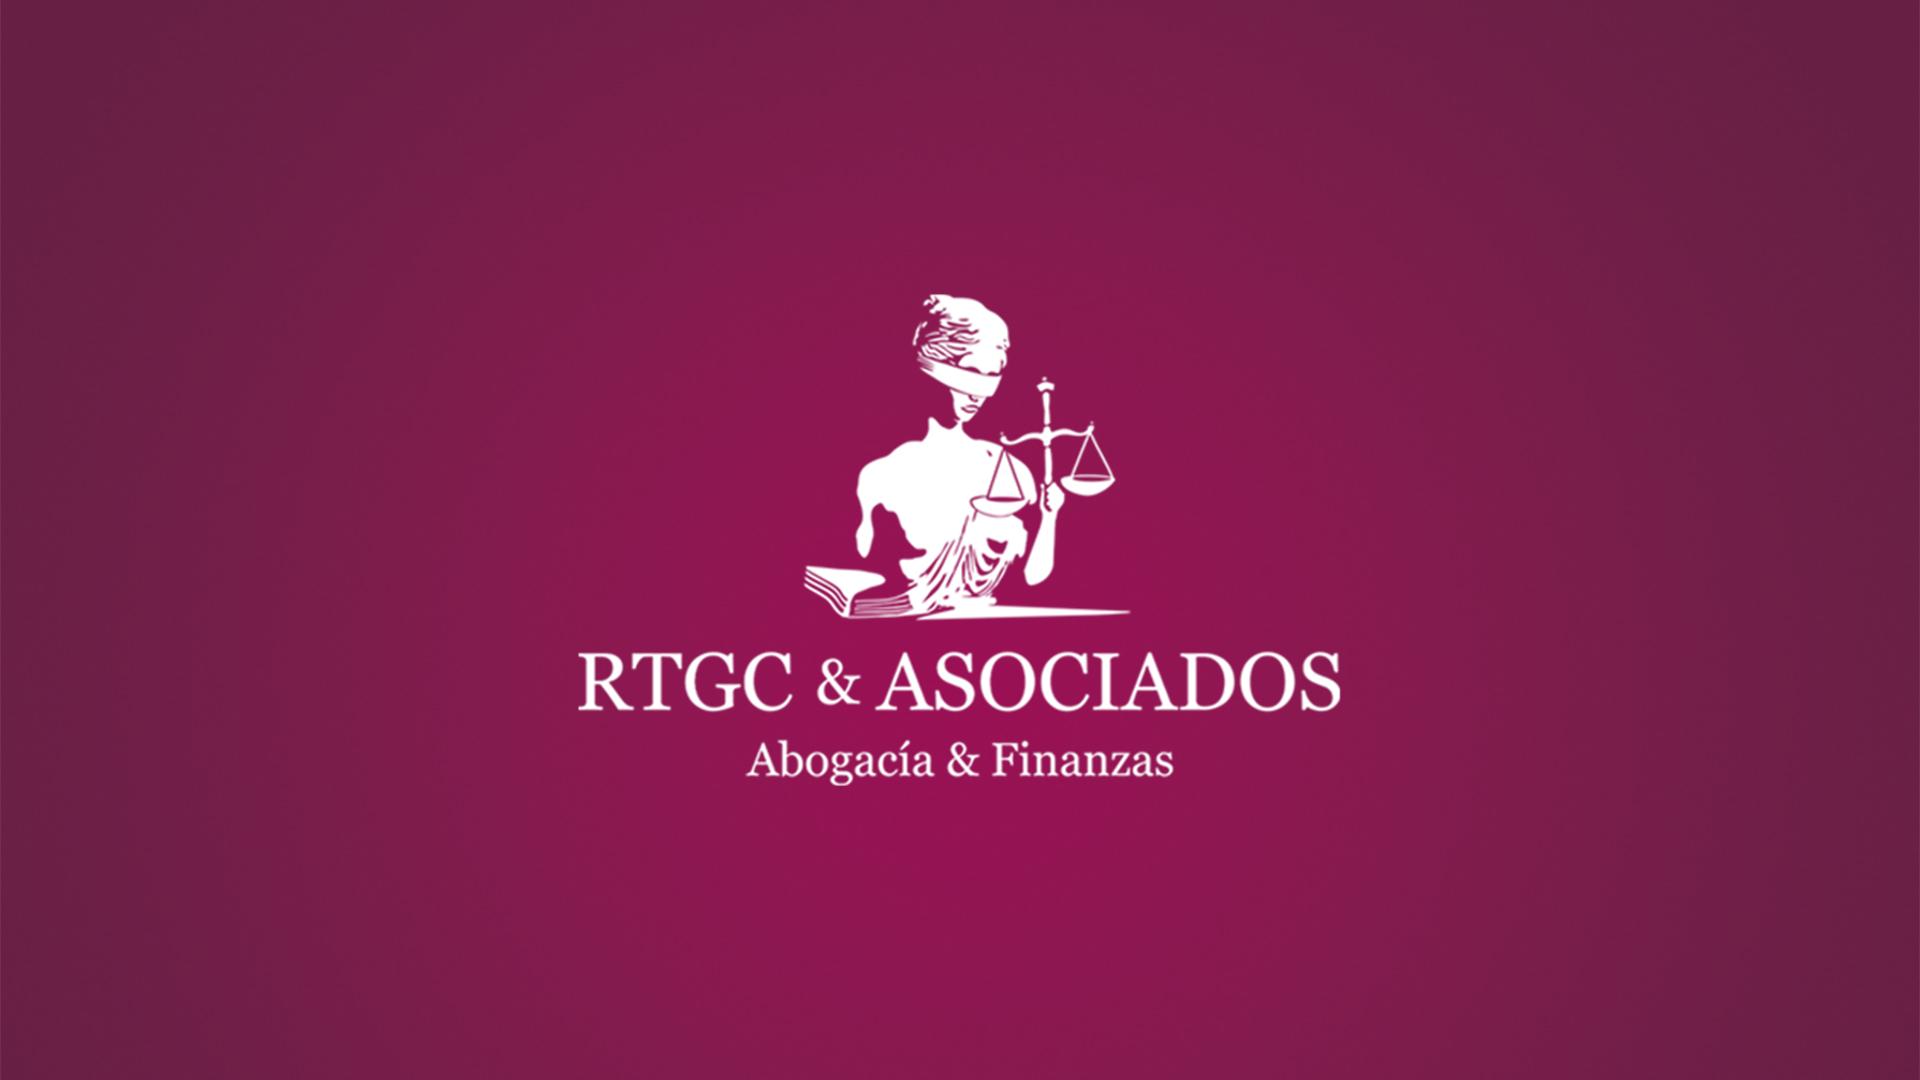 Vídeo Promocional RTGC & ASOCIADOS · Abogacía y Finanzas